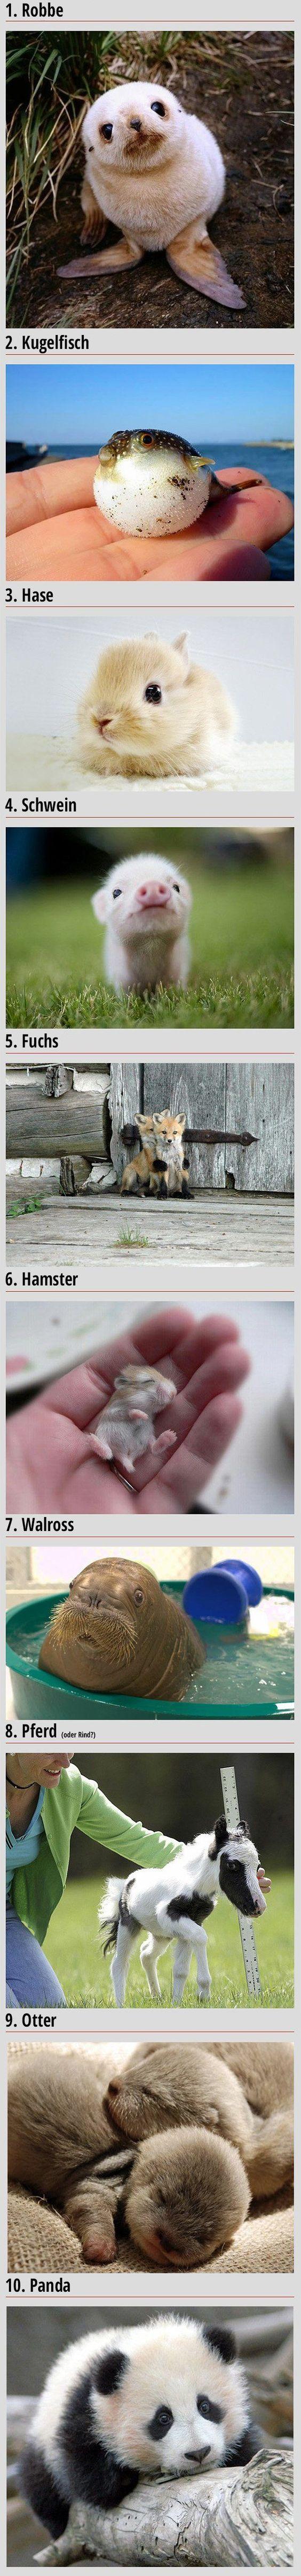 Die süßesten Tierbabys der Welt, Teil 2 – Cuteness Overload Bild – Humor